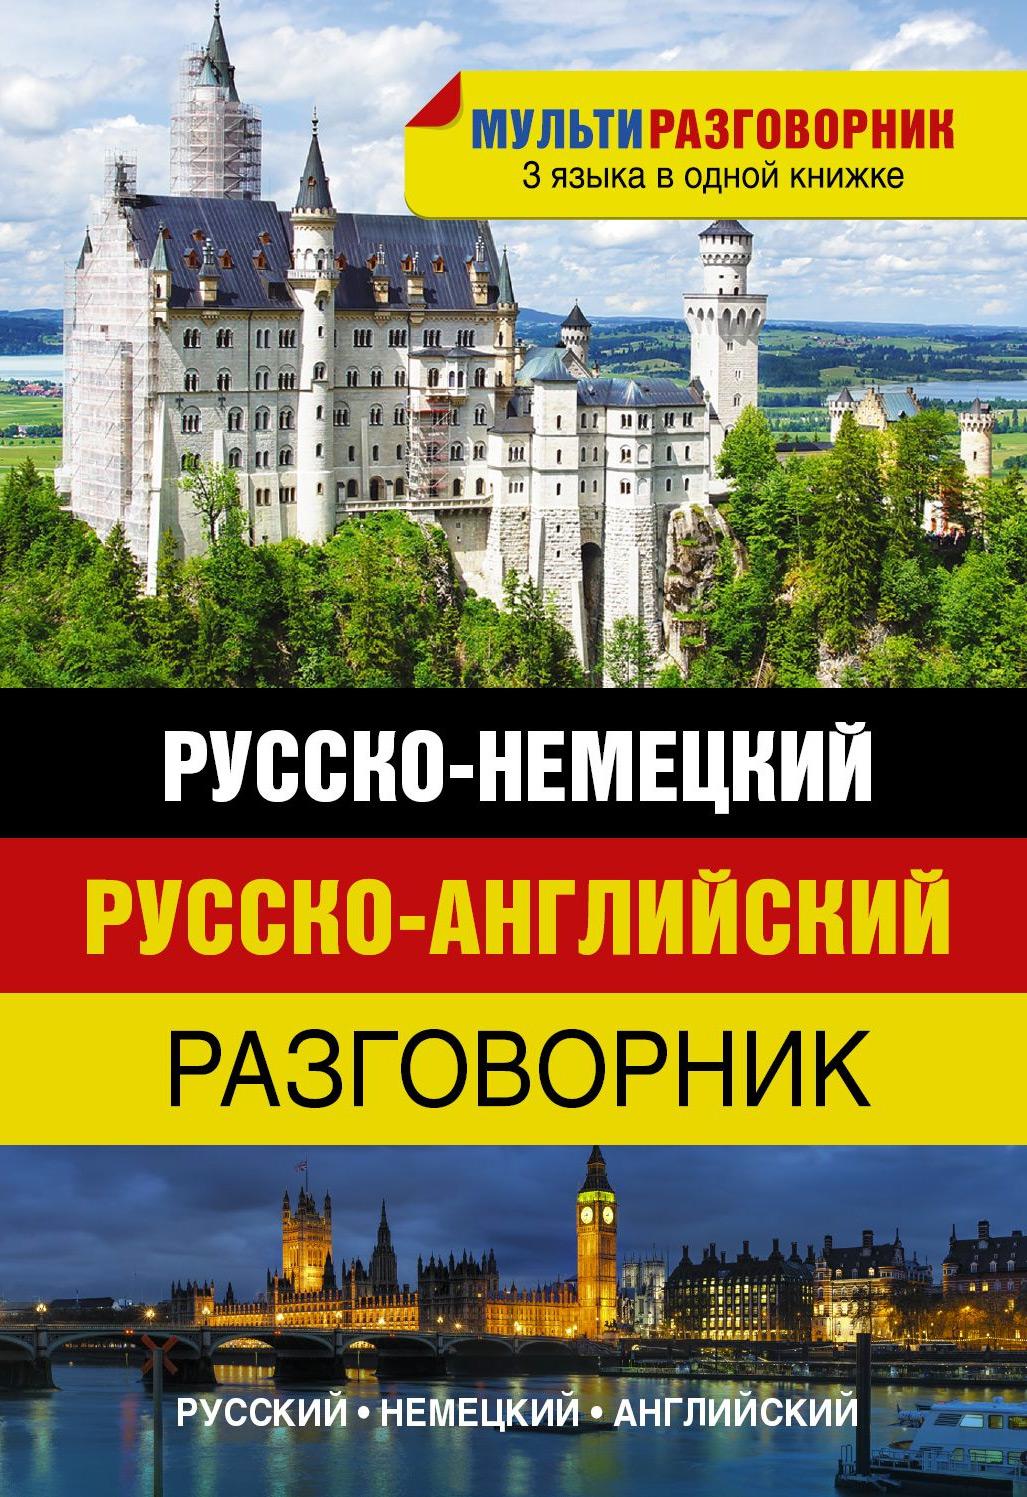 цены Отсутствует Русско-немецкий. Русско-английский разговорник